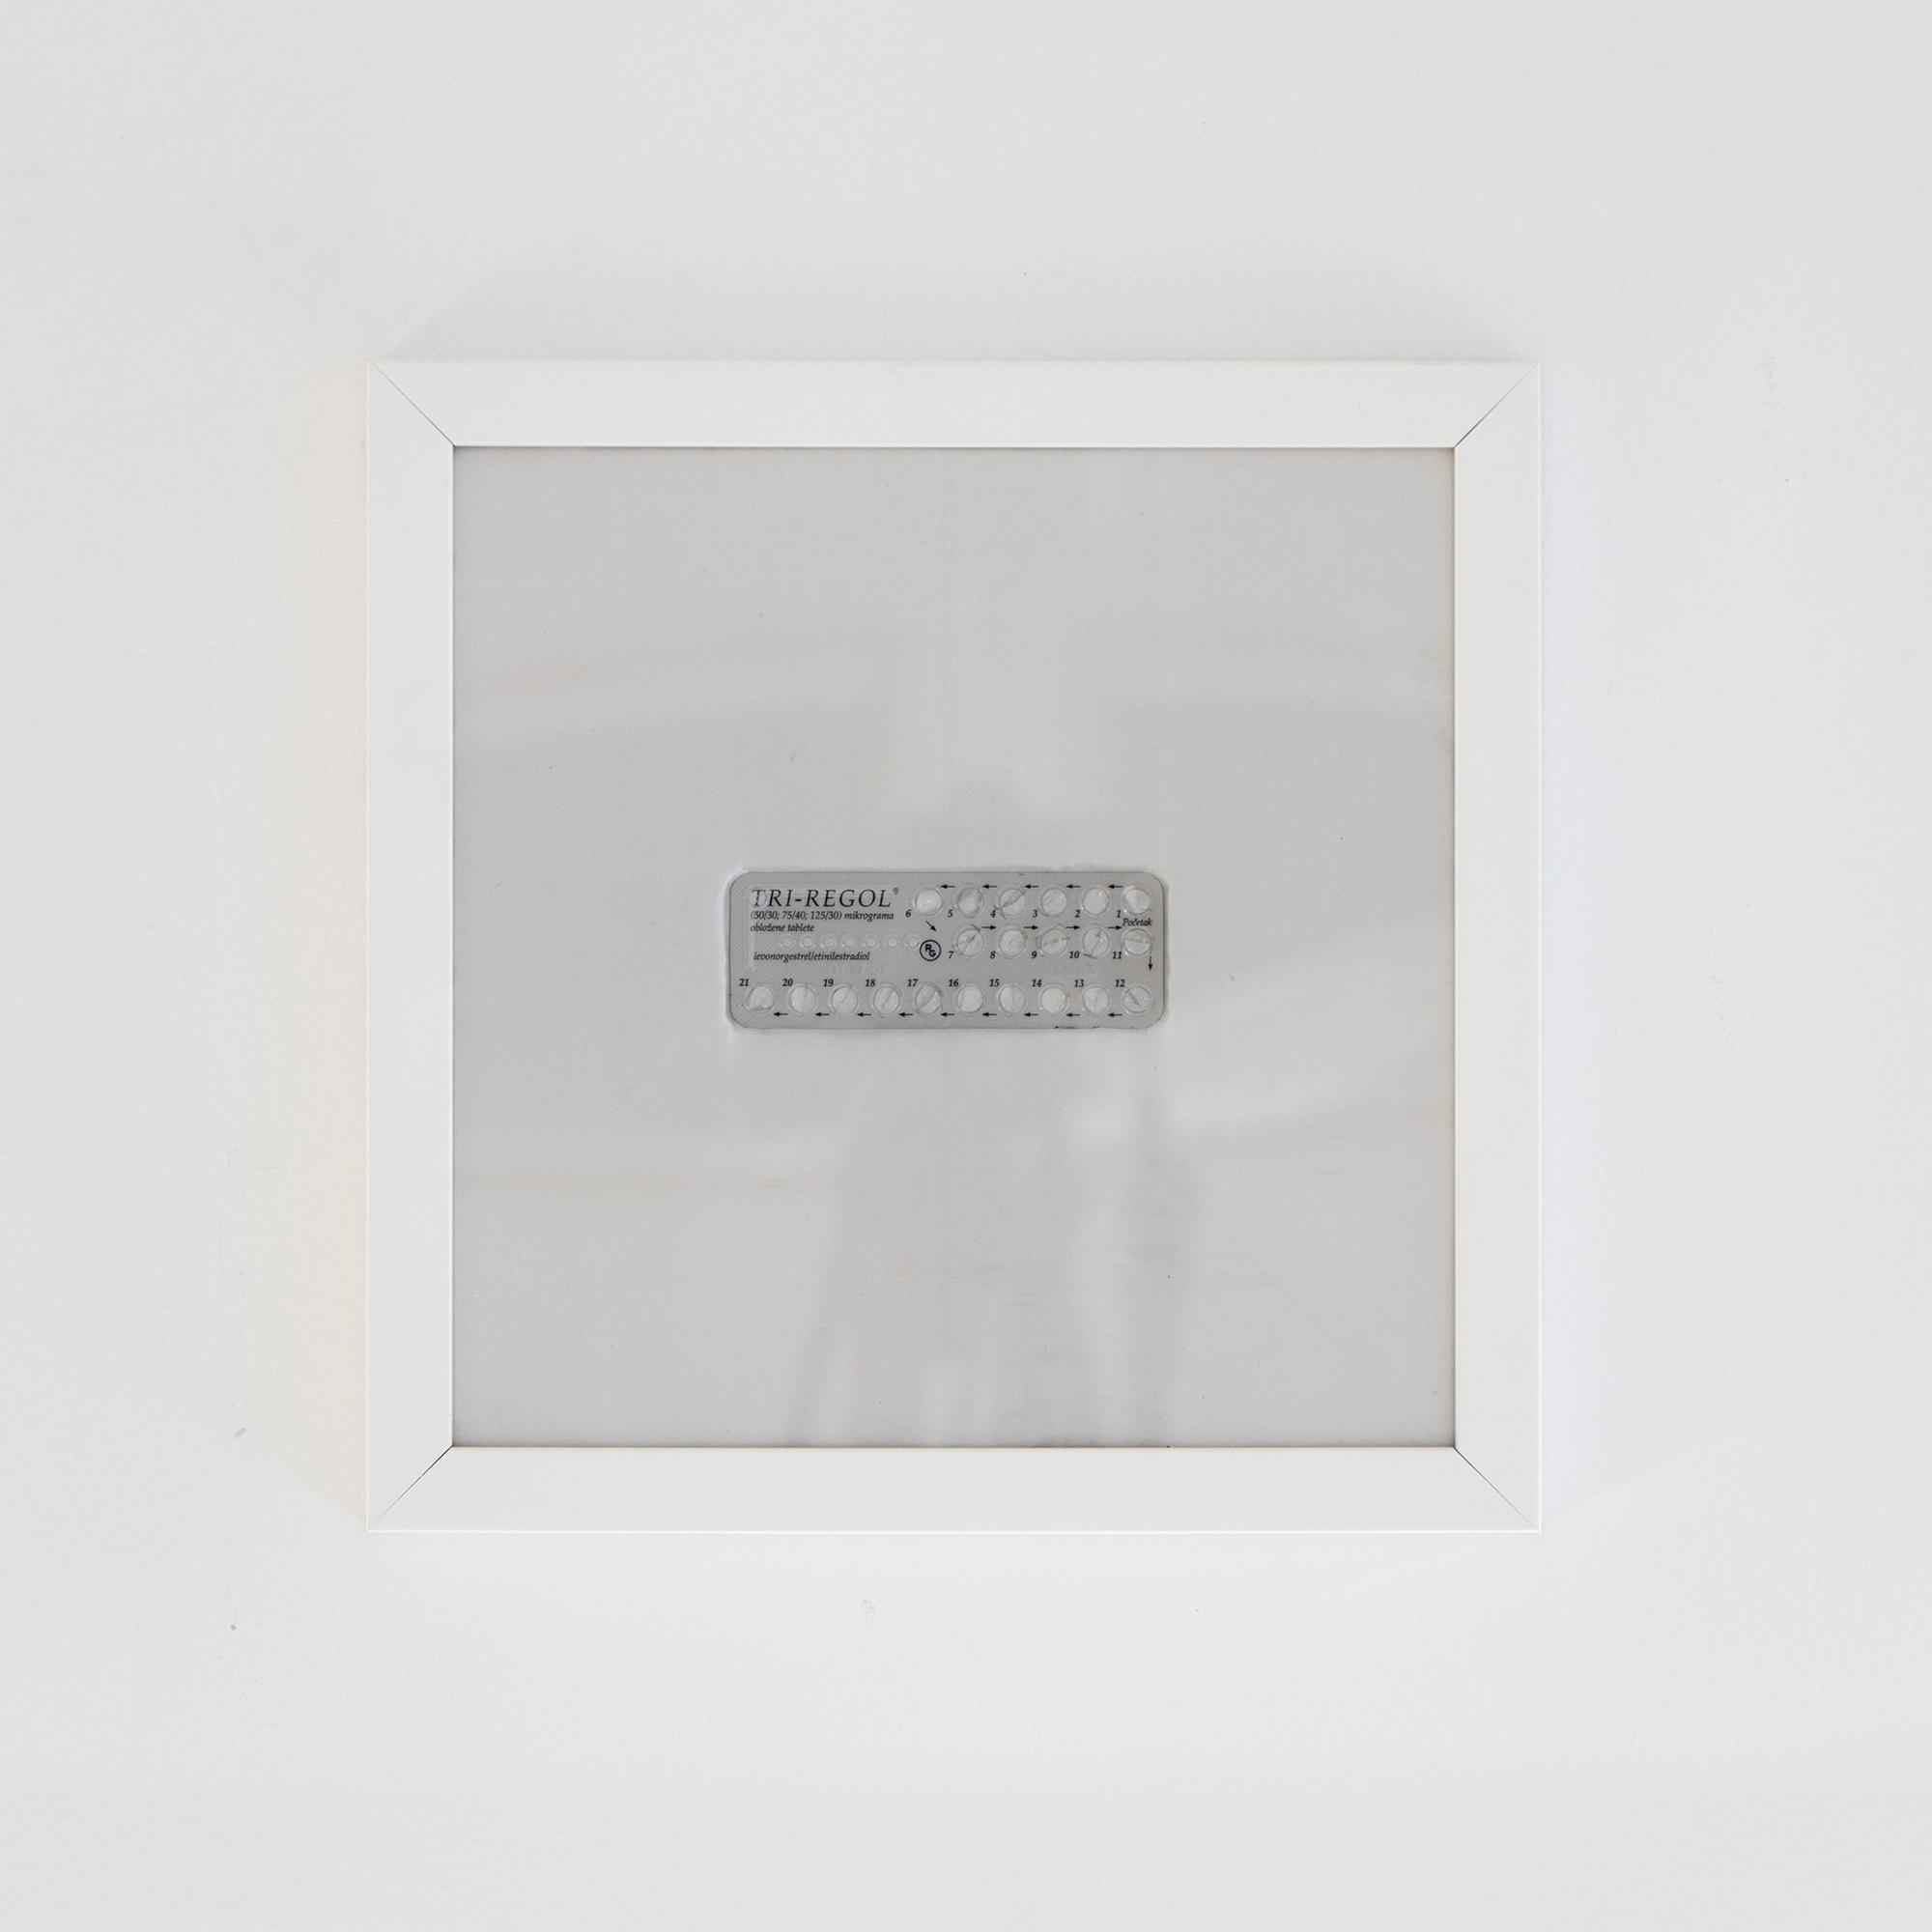 andrea knezovic artist sexual objects art umjetnost suvremena hrvatska